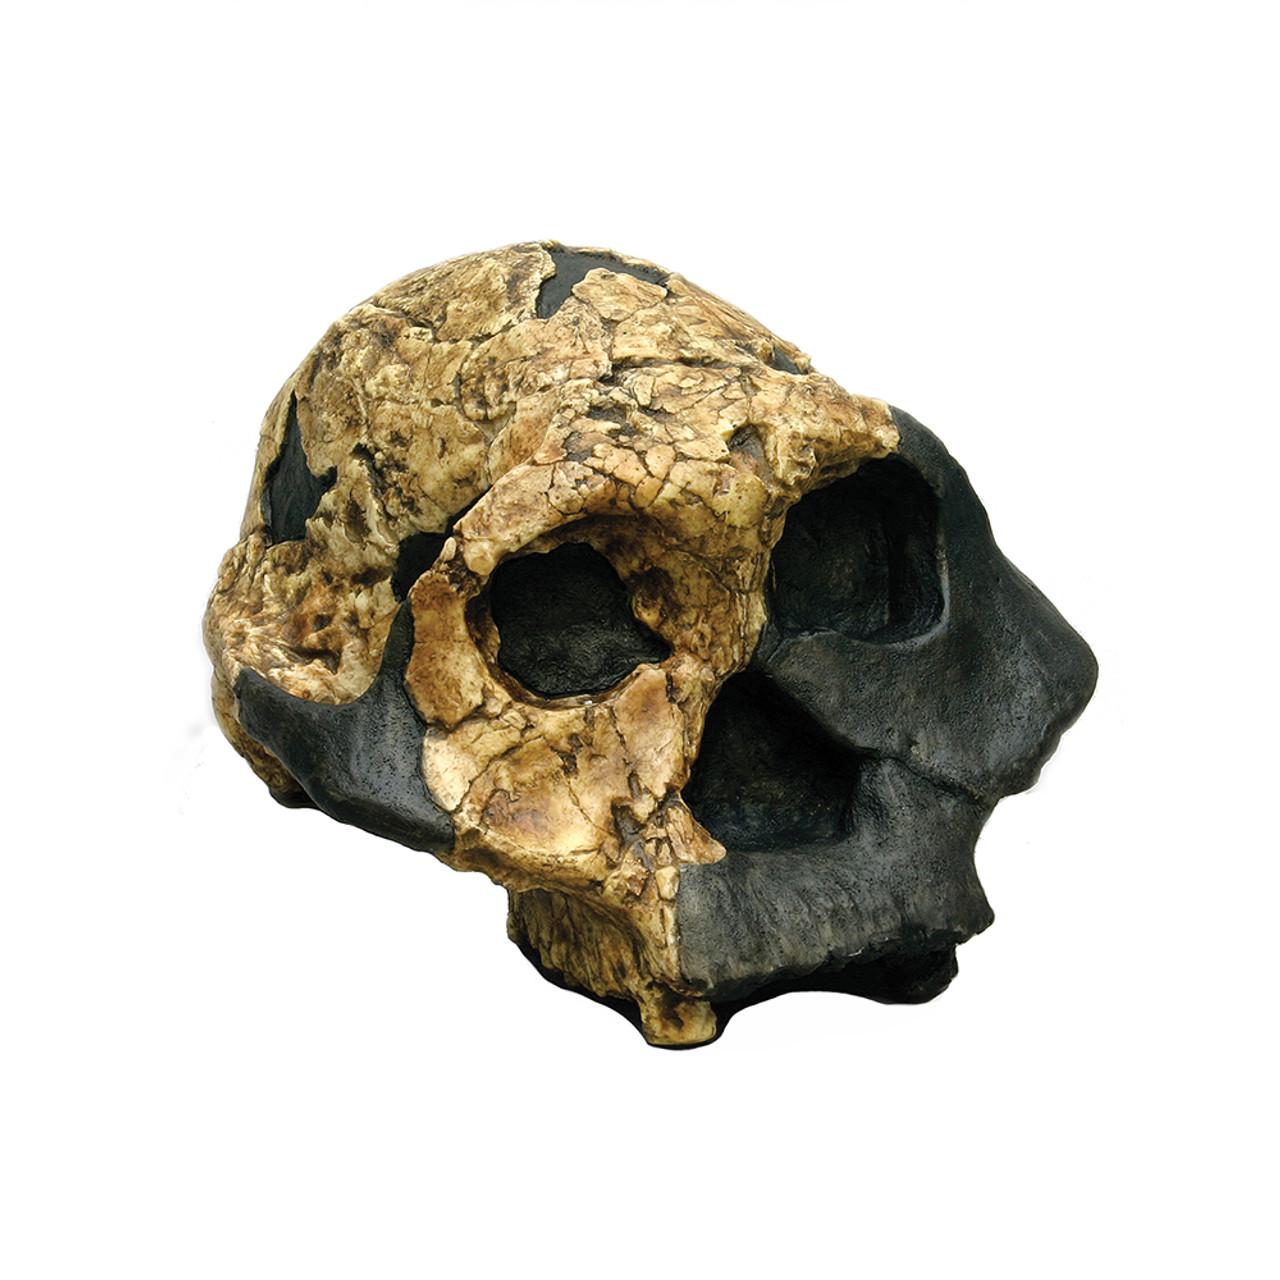 BH026 - Australopithecus boisei, female, KNM-ER 732